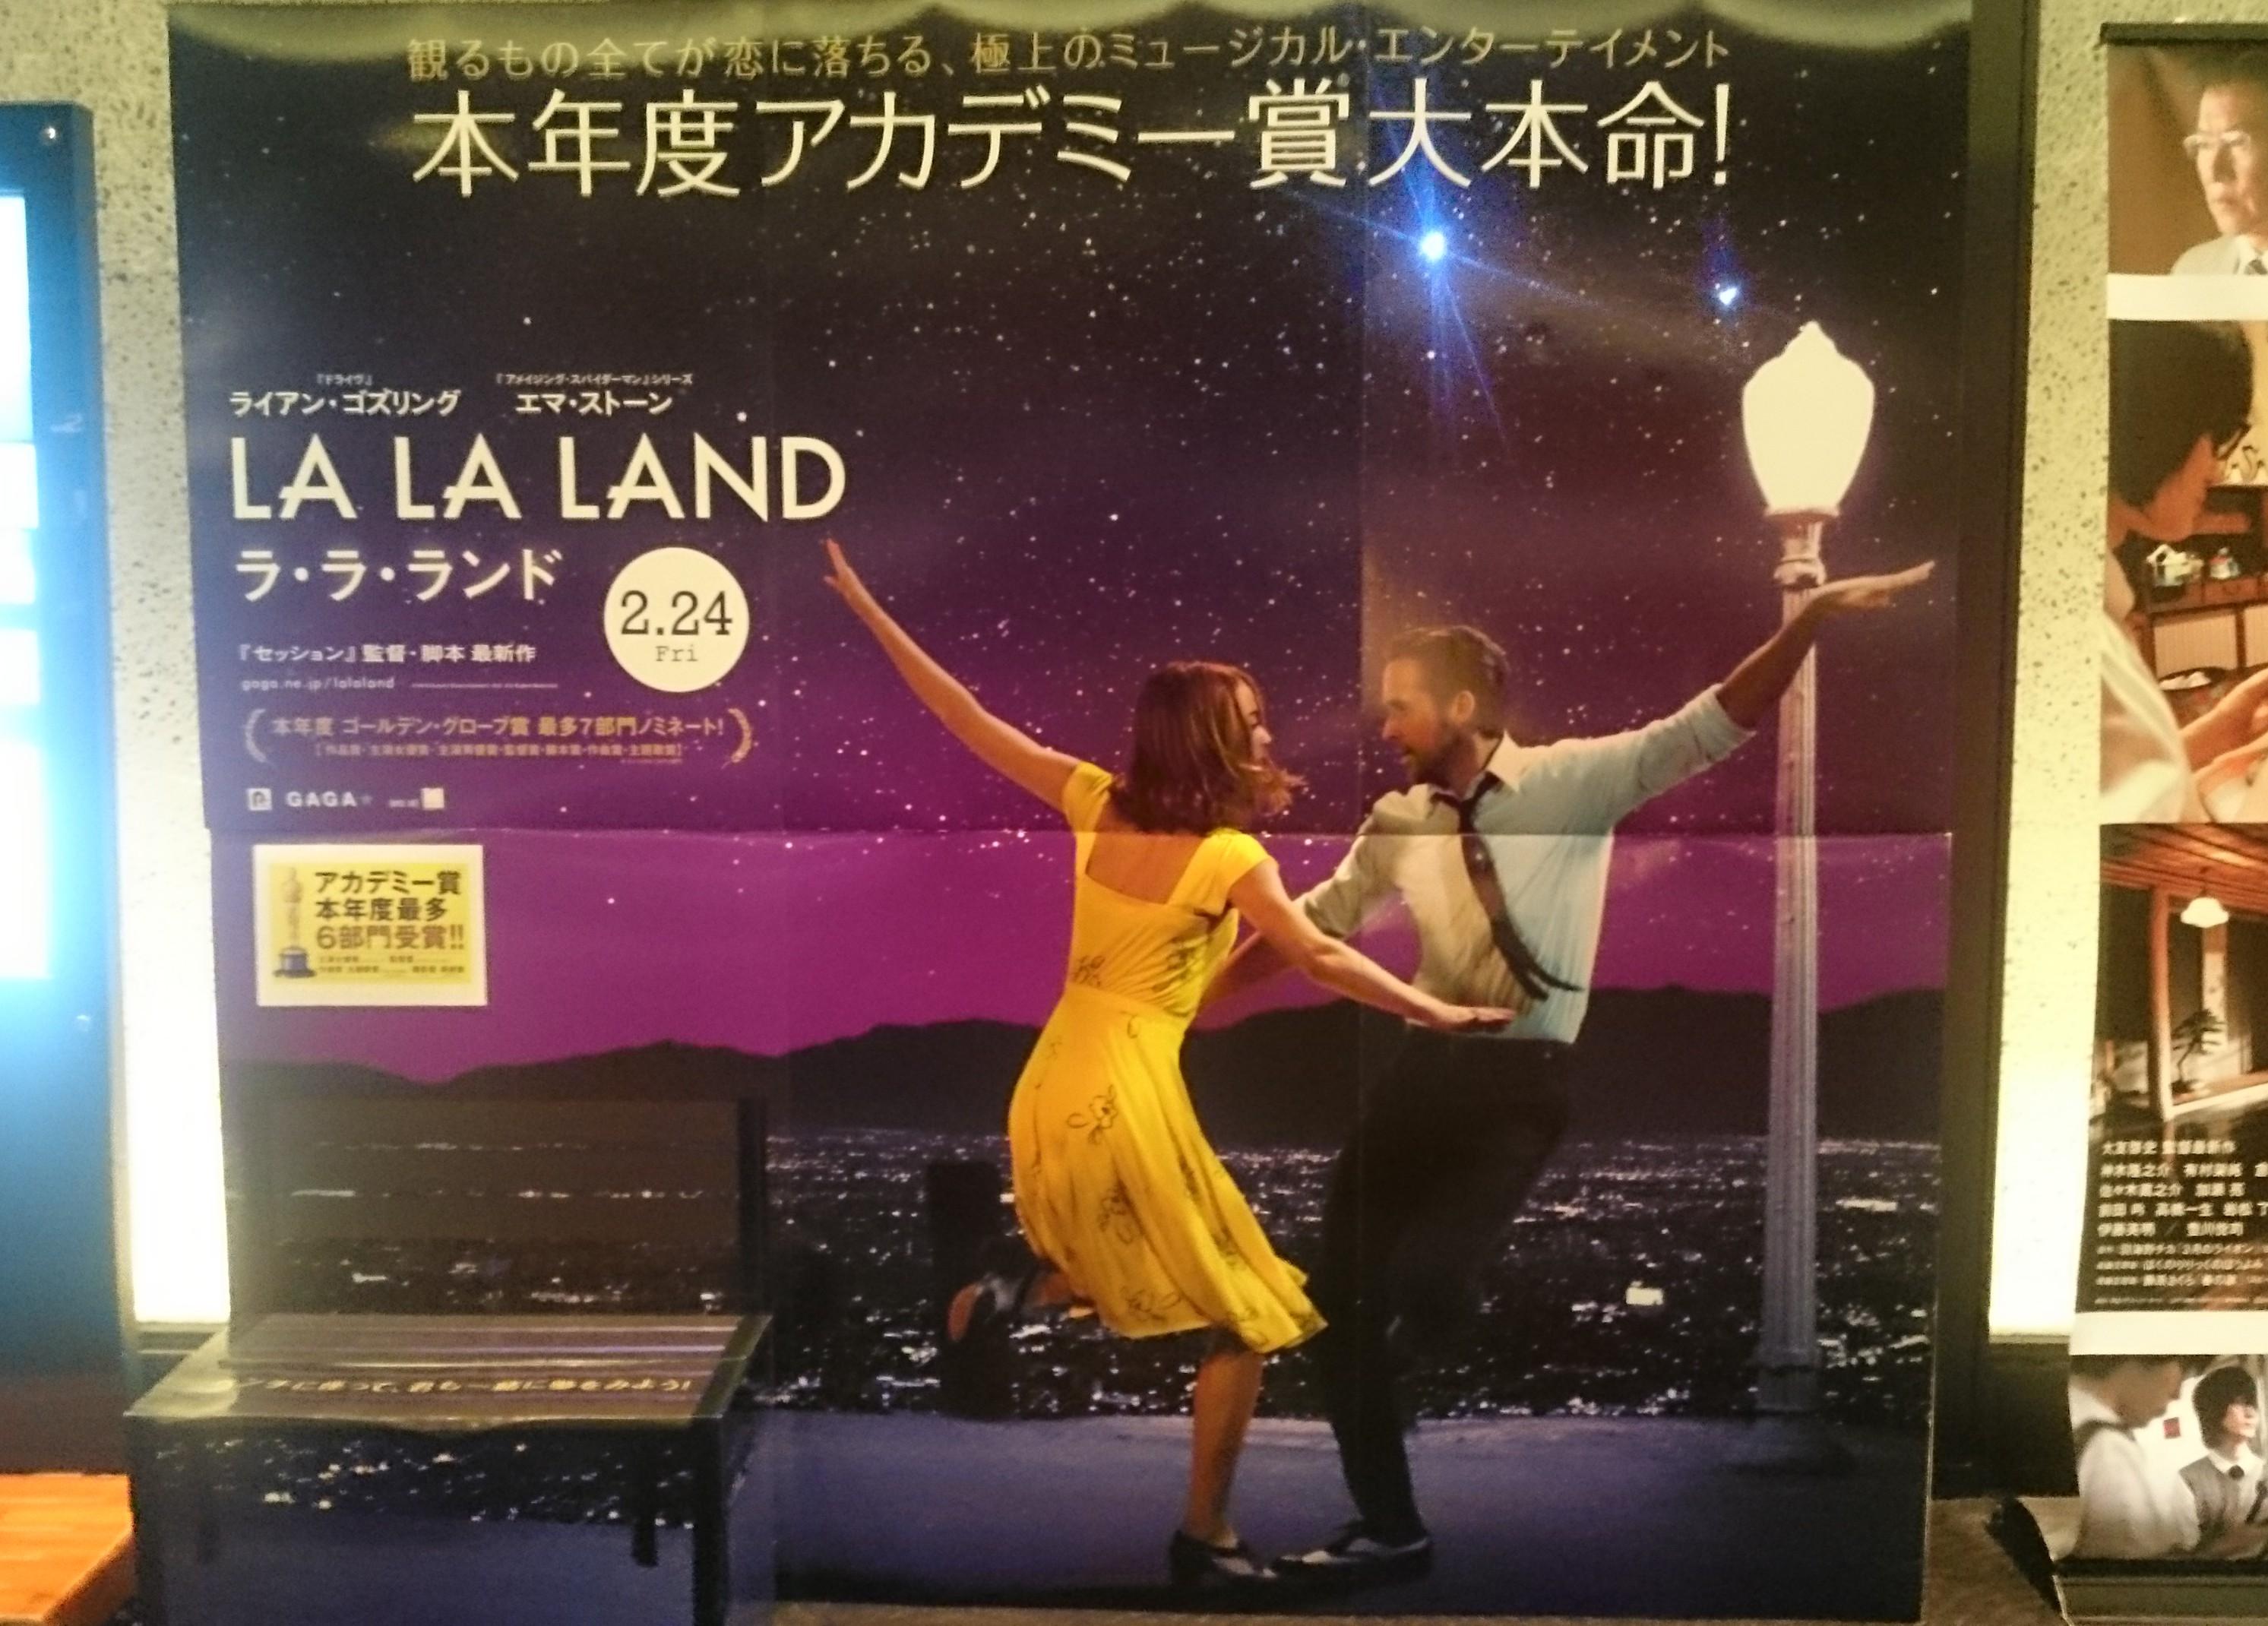 IMAXで『LA LA LAND』